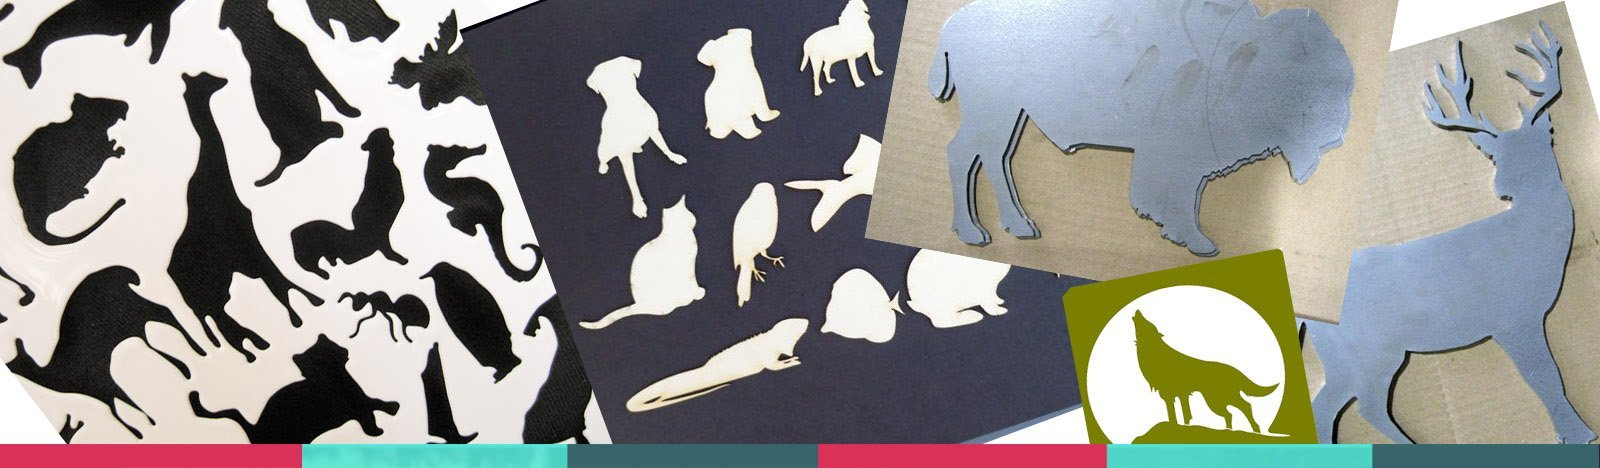 Die Cut Animal Shapes